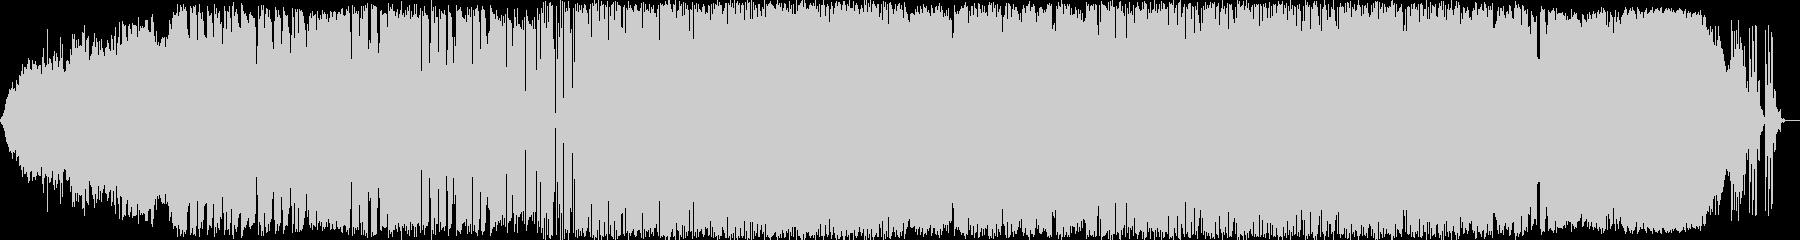 エレクトロニック 説明的 静か a...の未再生の波形